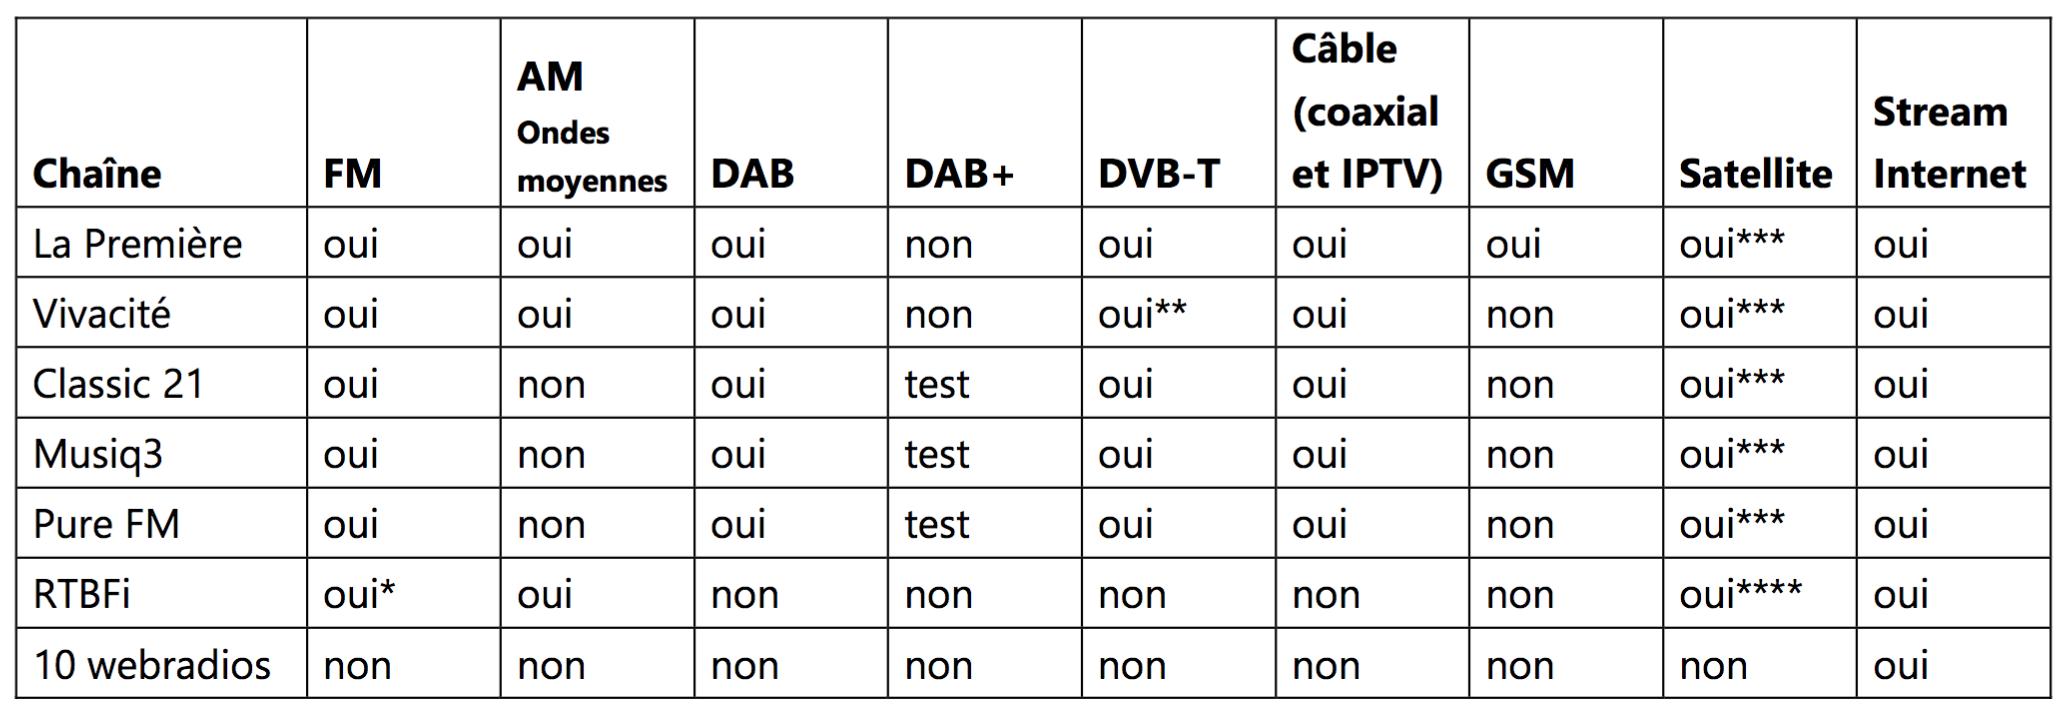 Disponibilité en 2016 des différents services de ra dio selon les plateformes de diffusion